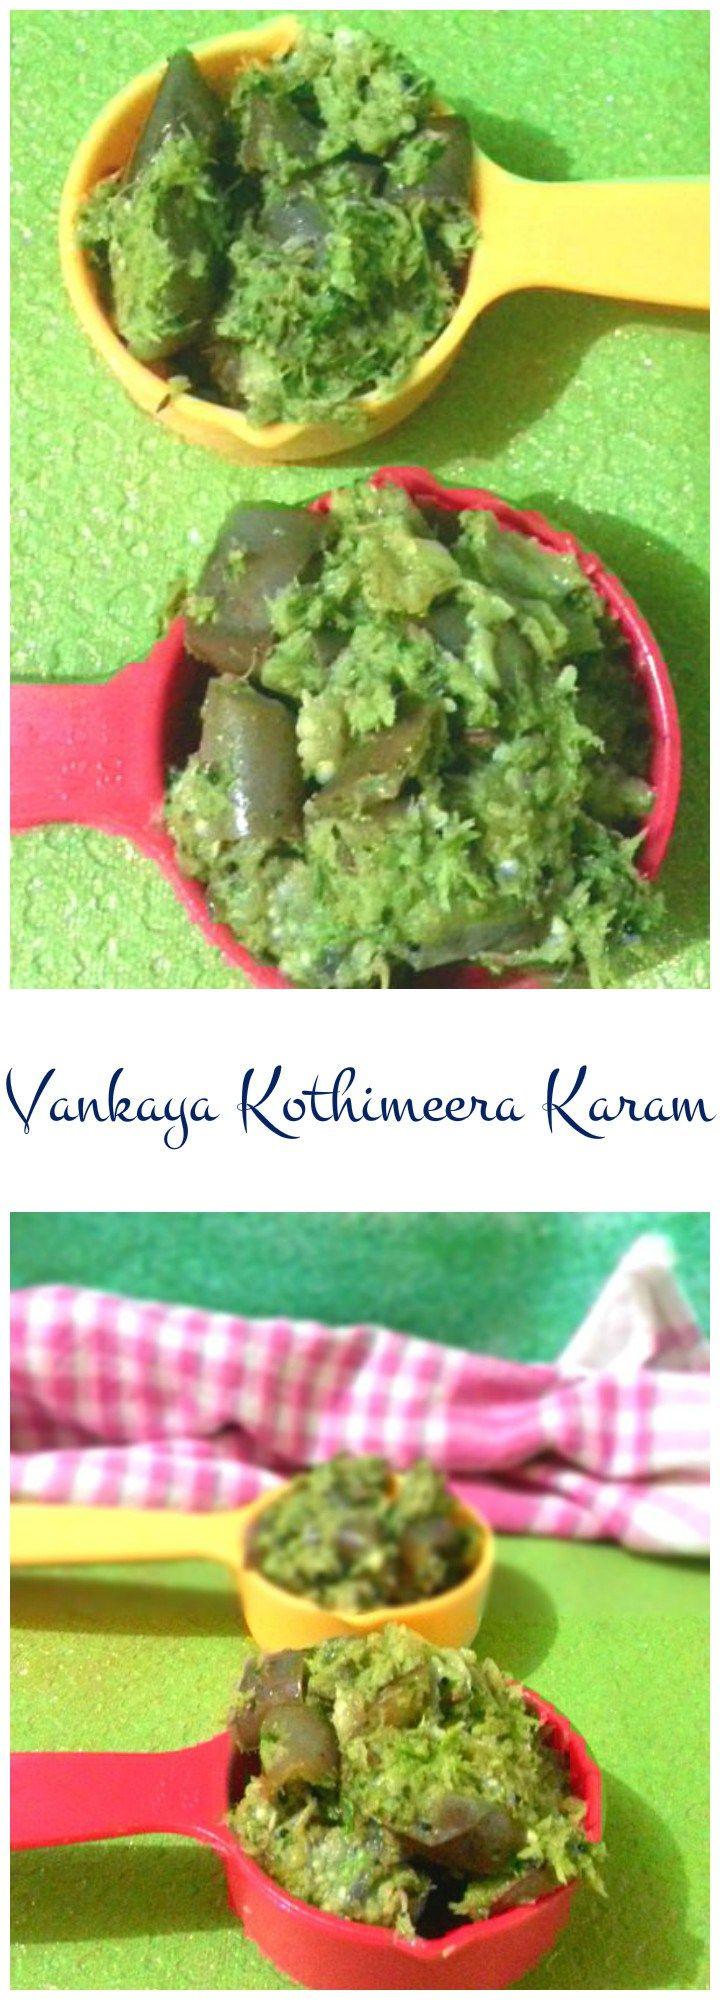 Brinjal Curry Andhra Style / Vankaya Kothimeera Karam – Tender violet brinjals cooked in typical Andhra Coriander Masala